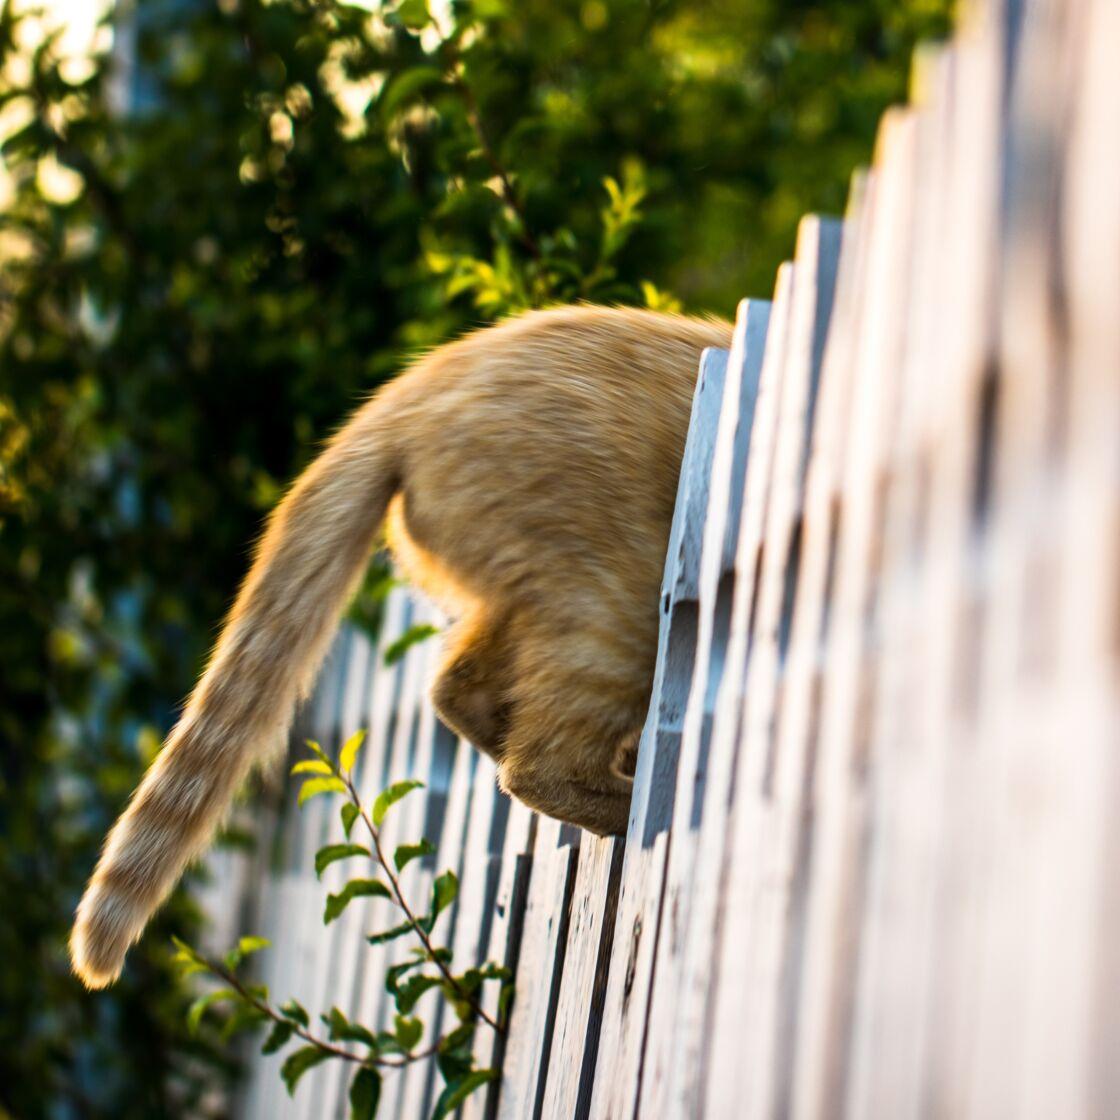 Kurios: Warum streckt deine Katze dir so gerne ihren Popo entgegen?